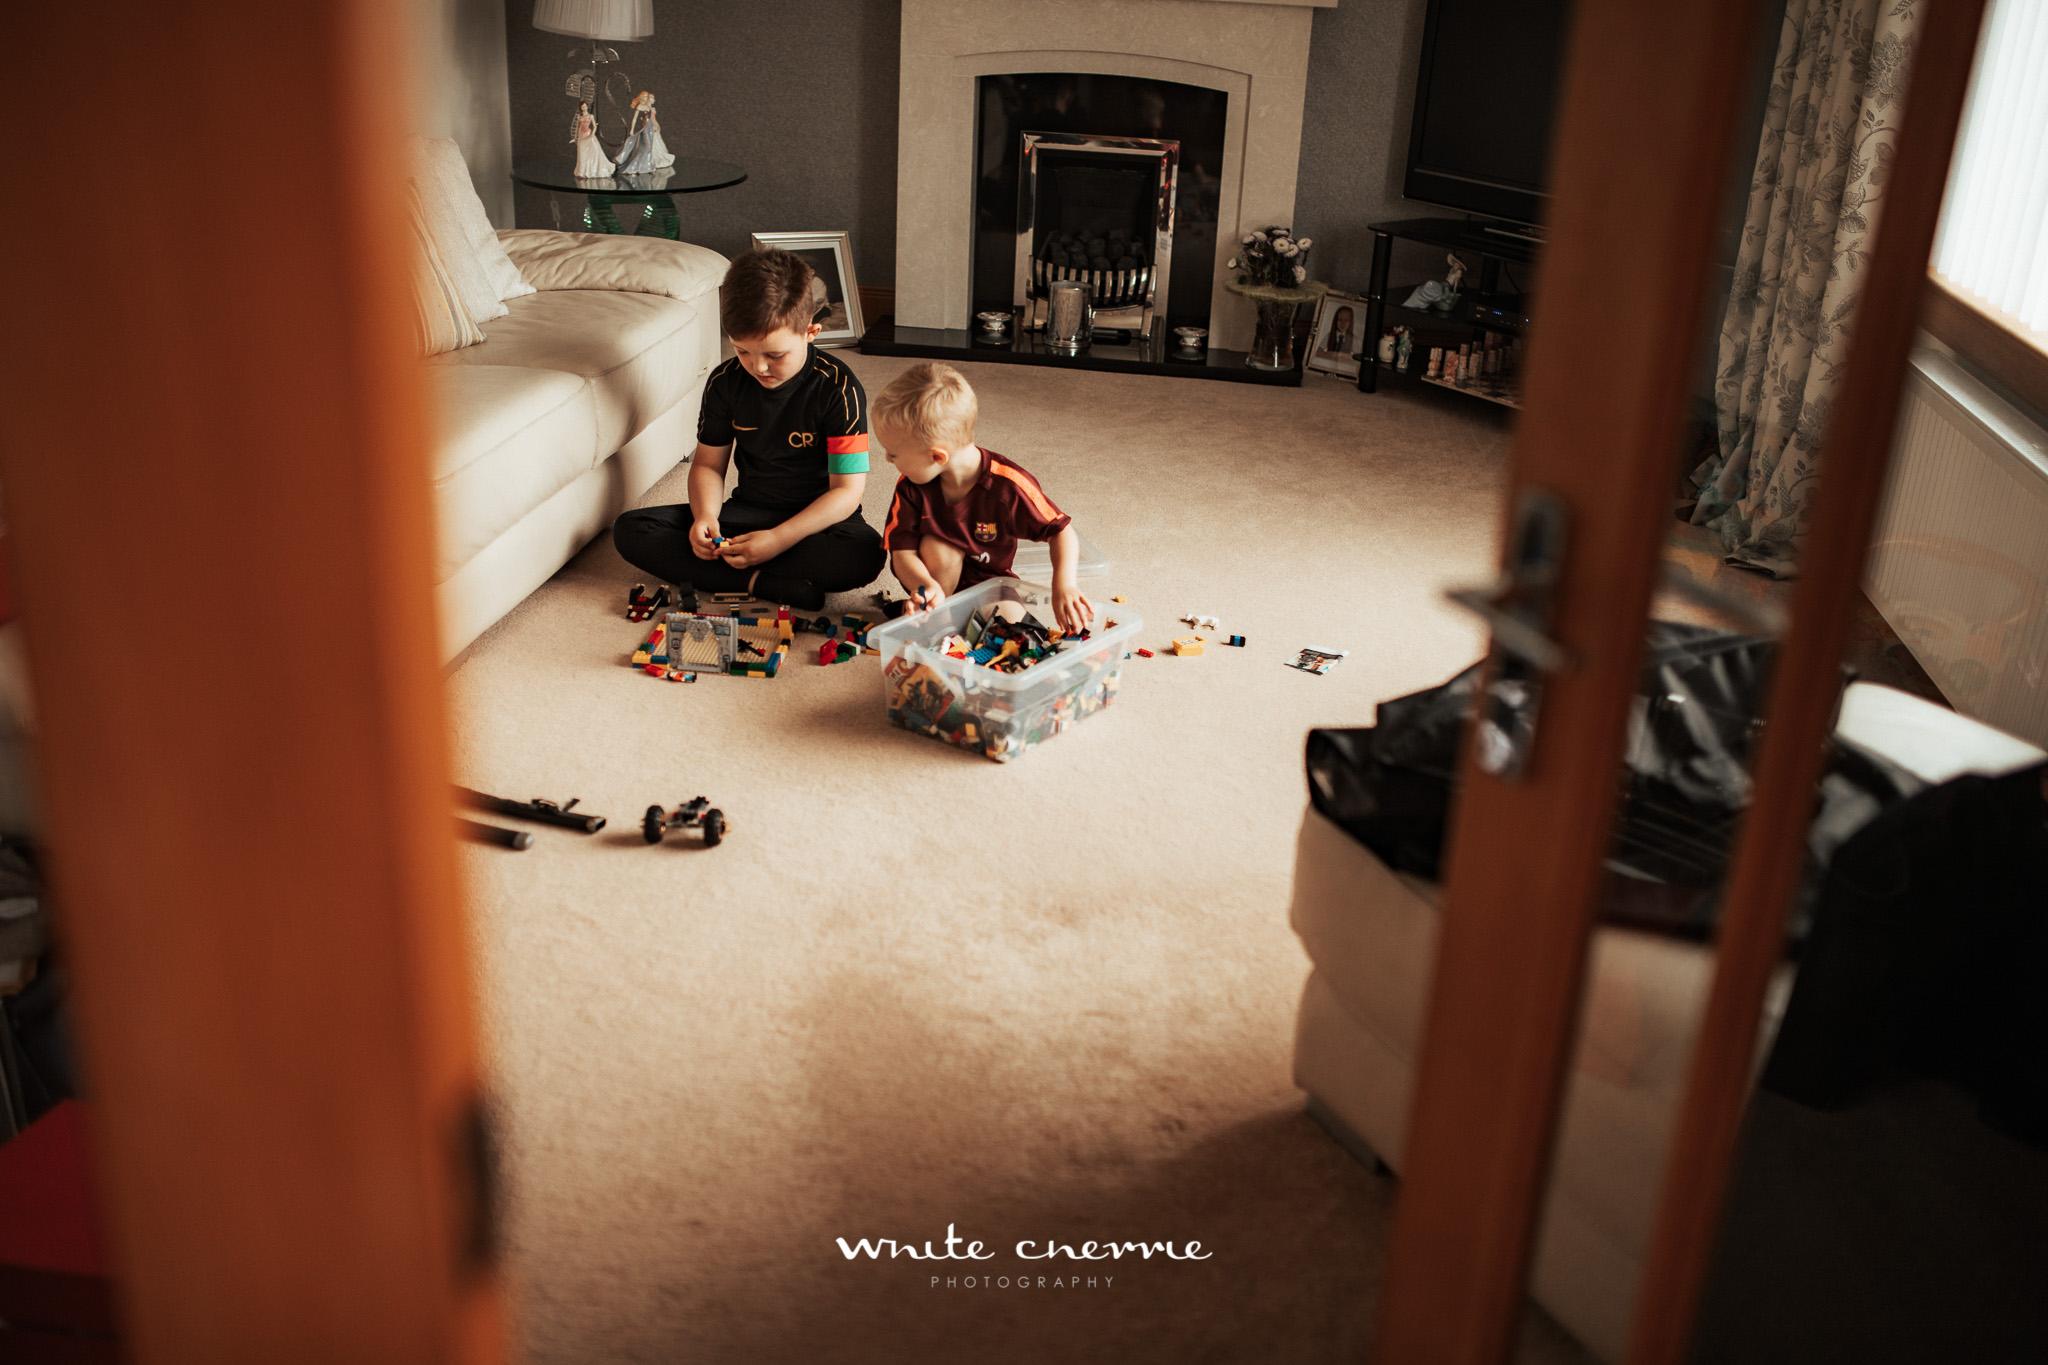 White_Cherrie-Gill_Craig-5.jpg